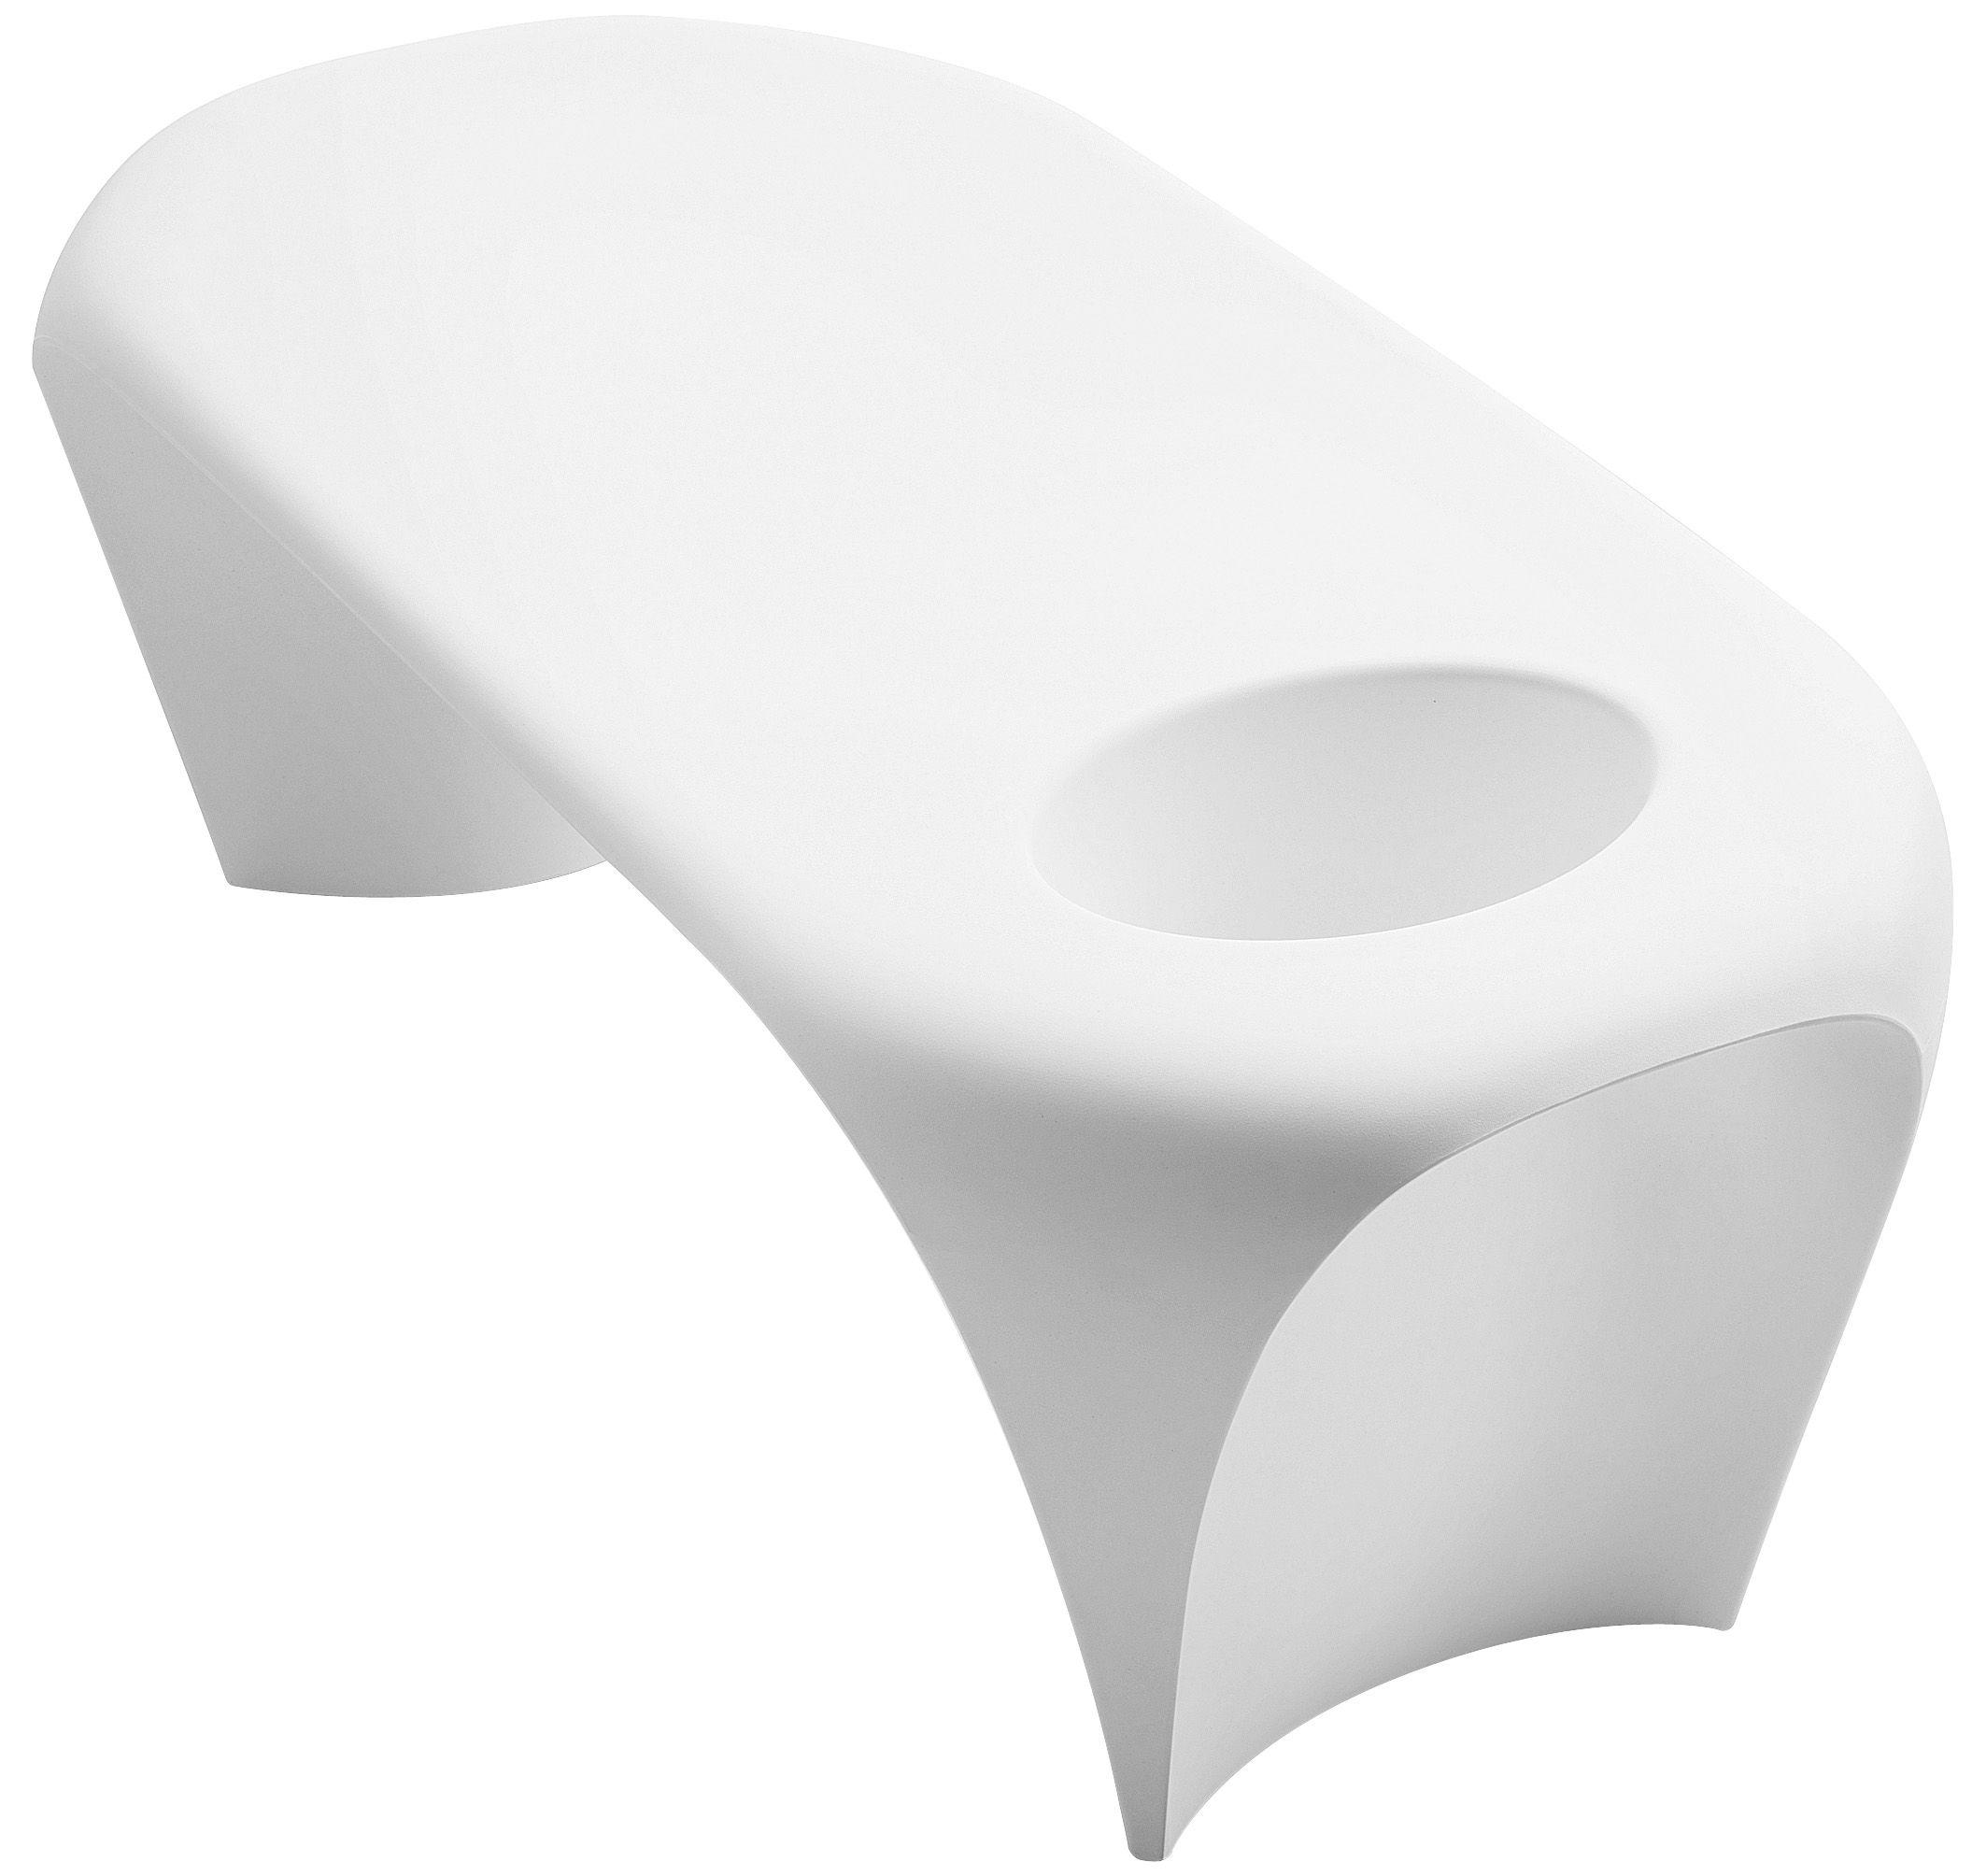 Möbel - Couchtische - Lily Couchtisch / mit integriertem Flaschenkühler - MyYour - Weiß - Poleasy